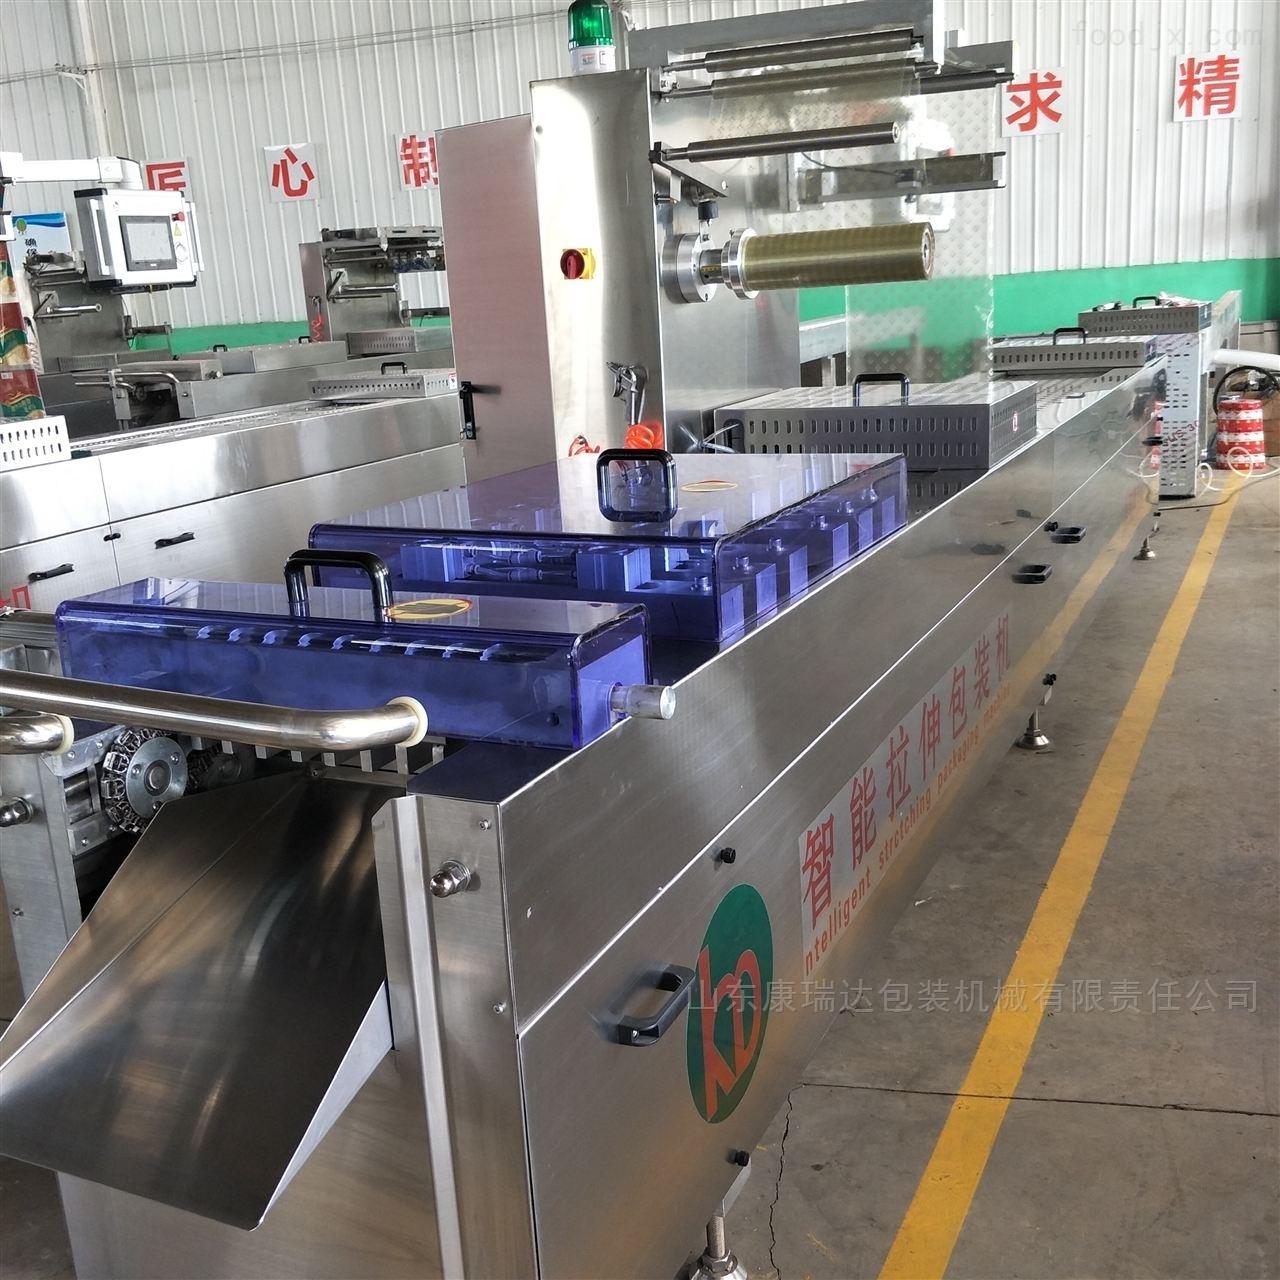 不锈钢420自动拉伸膜真空包装机厂家定制